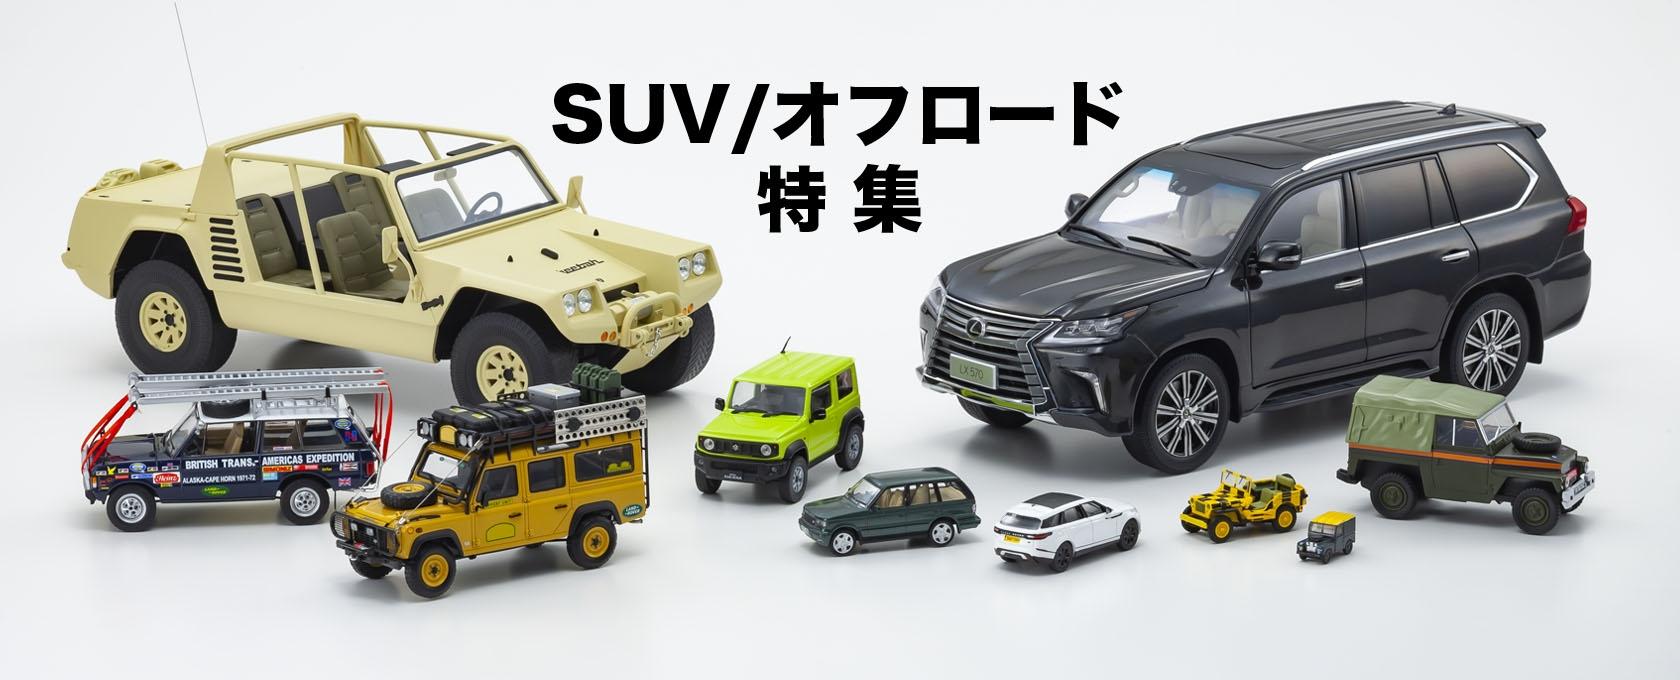 SUV オフロード特集